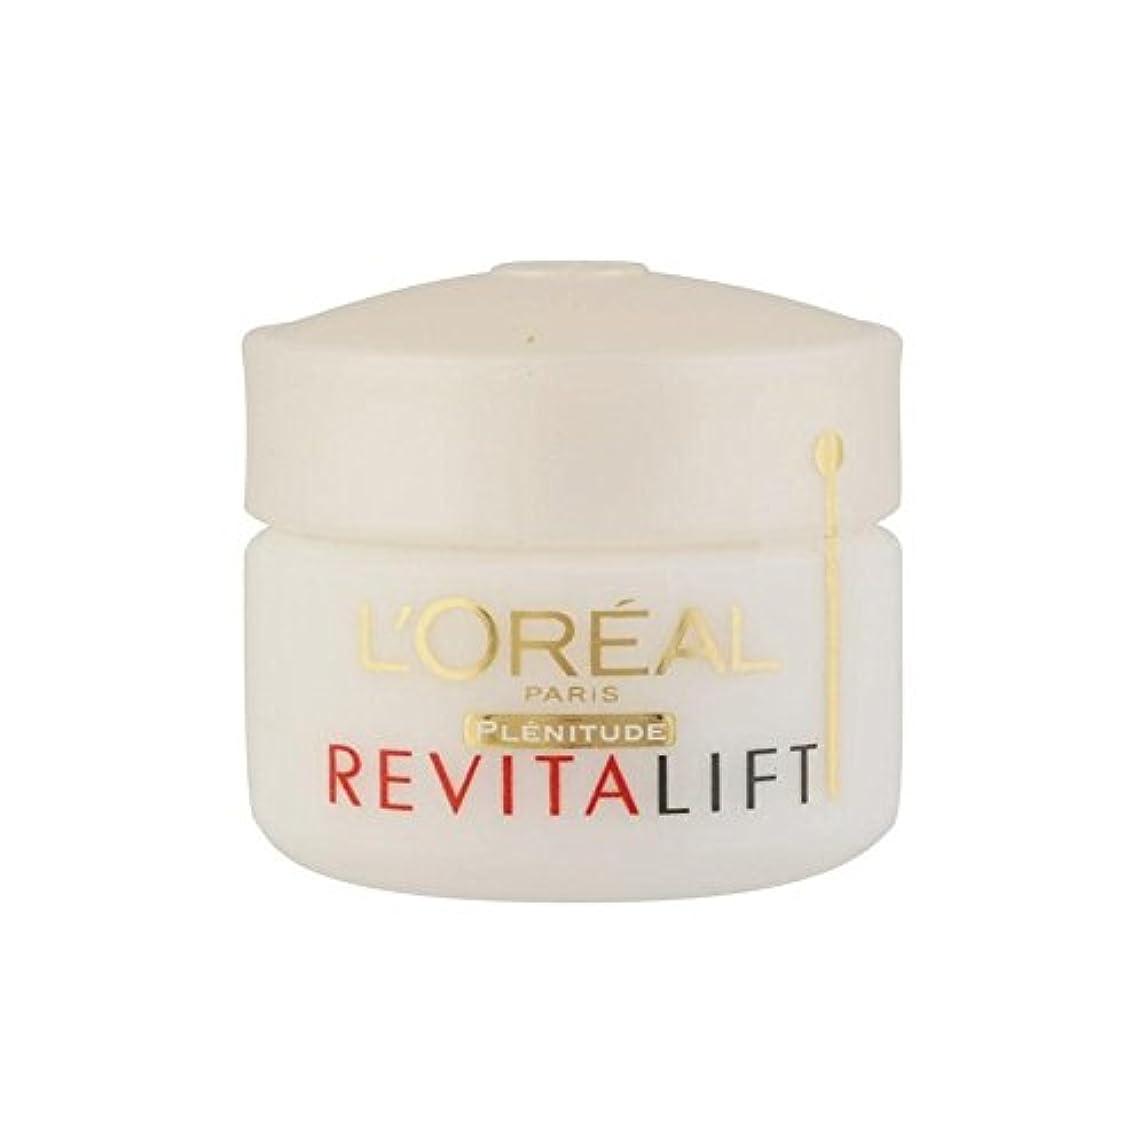 大リネン公平なロレアルパリ?ダーモ専門知識の抗しわ+ファーミングアイクリーム(15ミリリットル) x4 - L'Oreal Paris Dermo Expertise Revitalift Anti-Wrinkle + Firming Eye Cream (15ml) (Pack of 4) [並行輸入品]